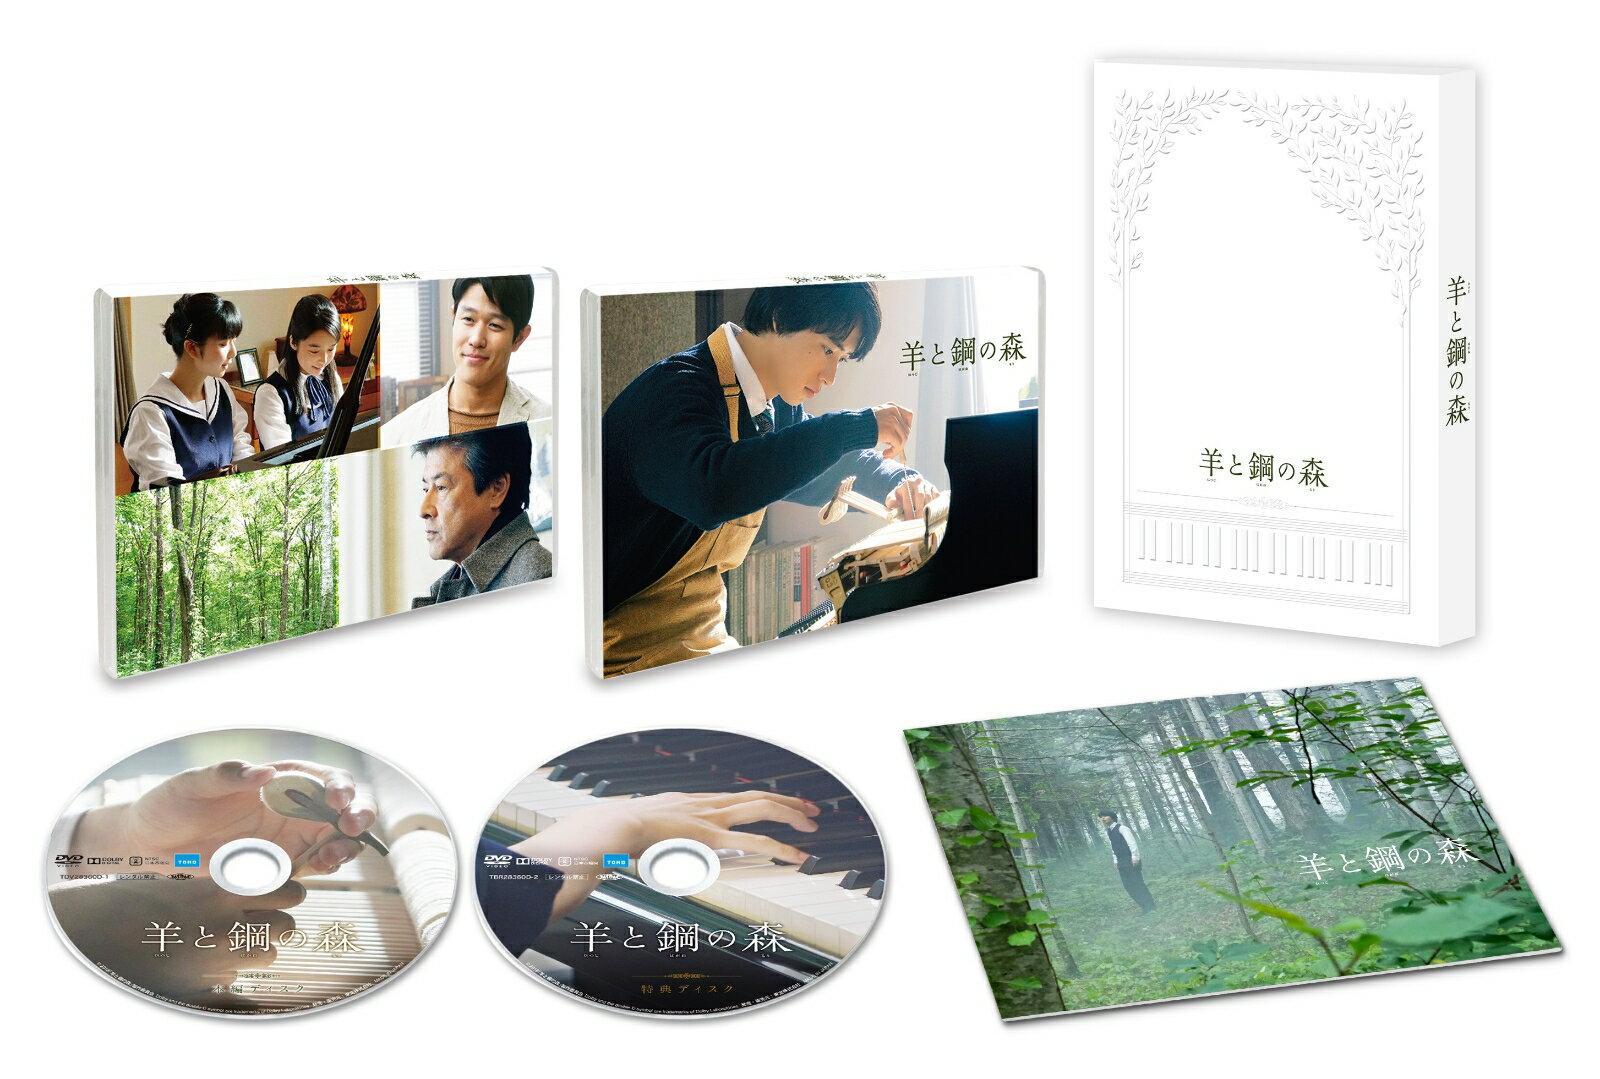 羊と鋼の森 DVD 豪華版 [ 山崎賢人 ]